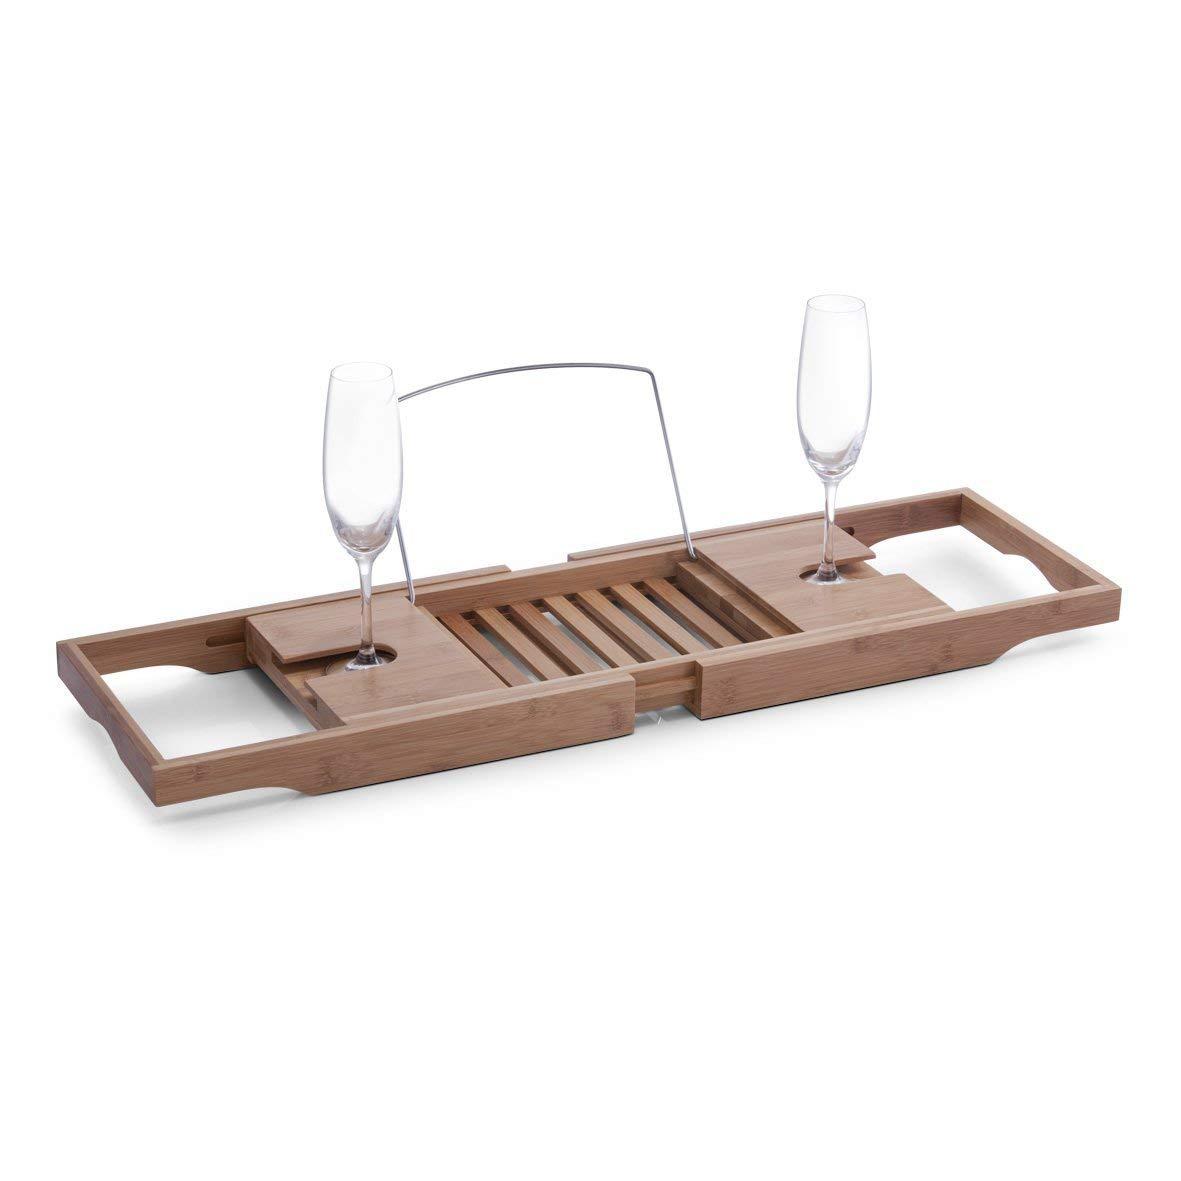 Zeller 13606 Badewannenablage, Bamboo/Metall verchromt, ca. 70-105 x 22 x 4 cm Bild